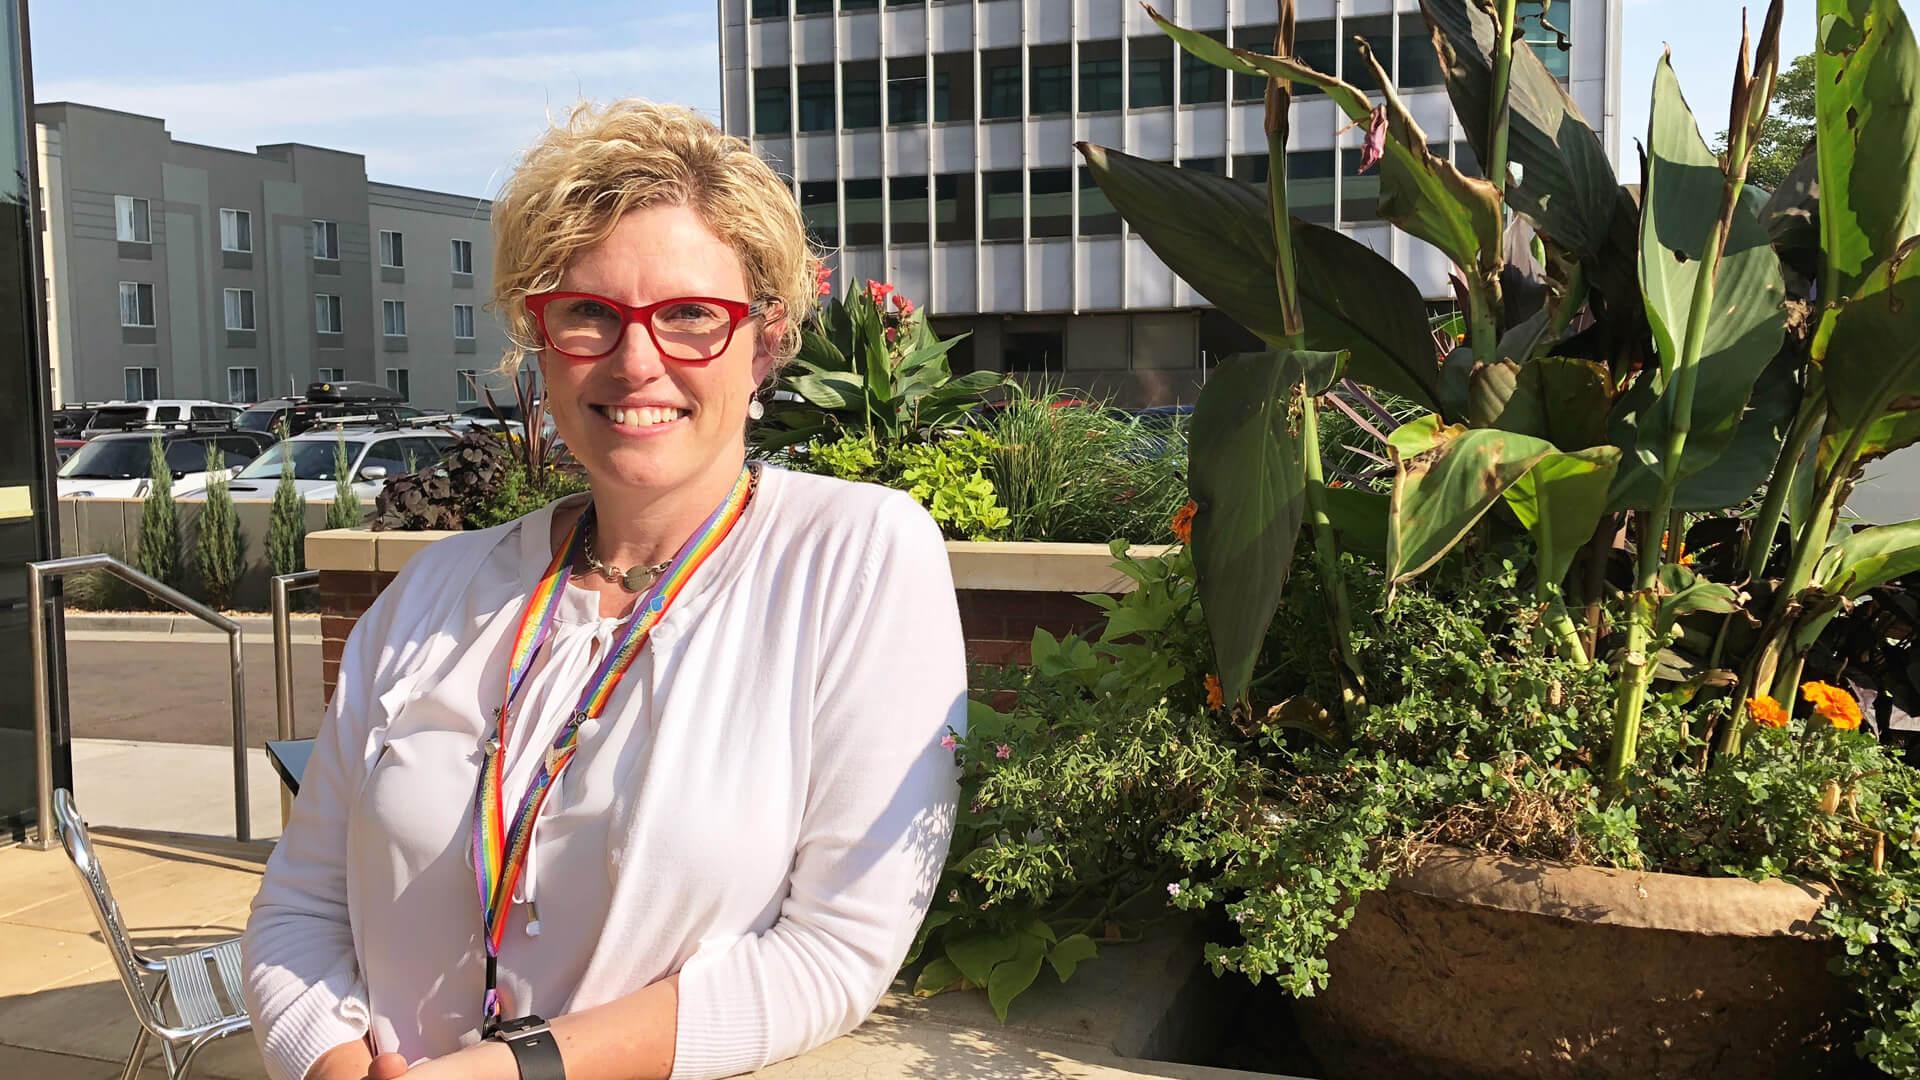 Kari Kuka, Denver Health